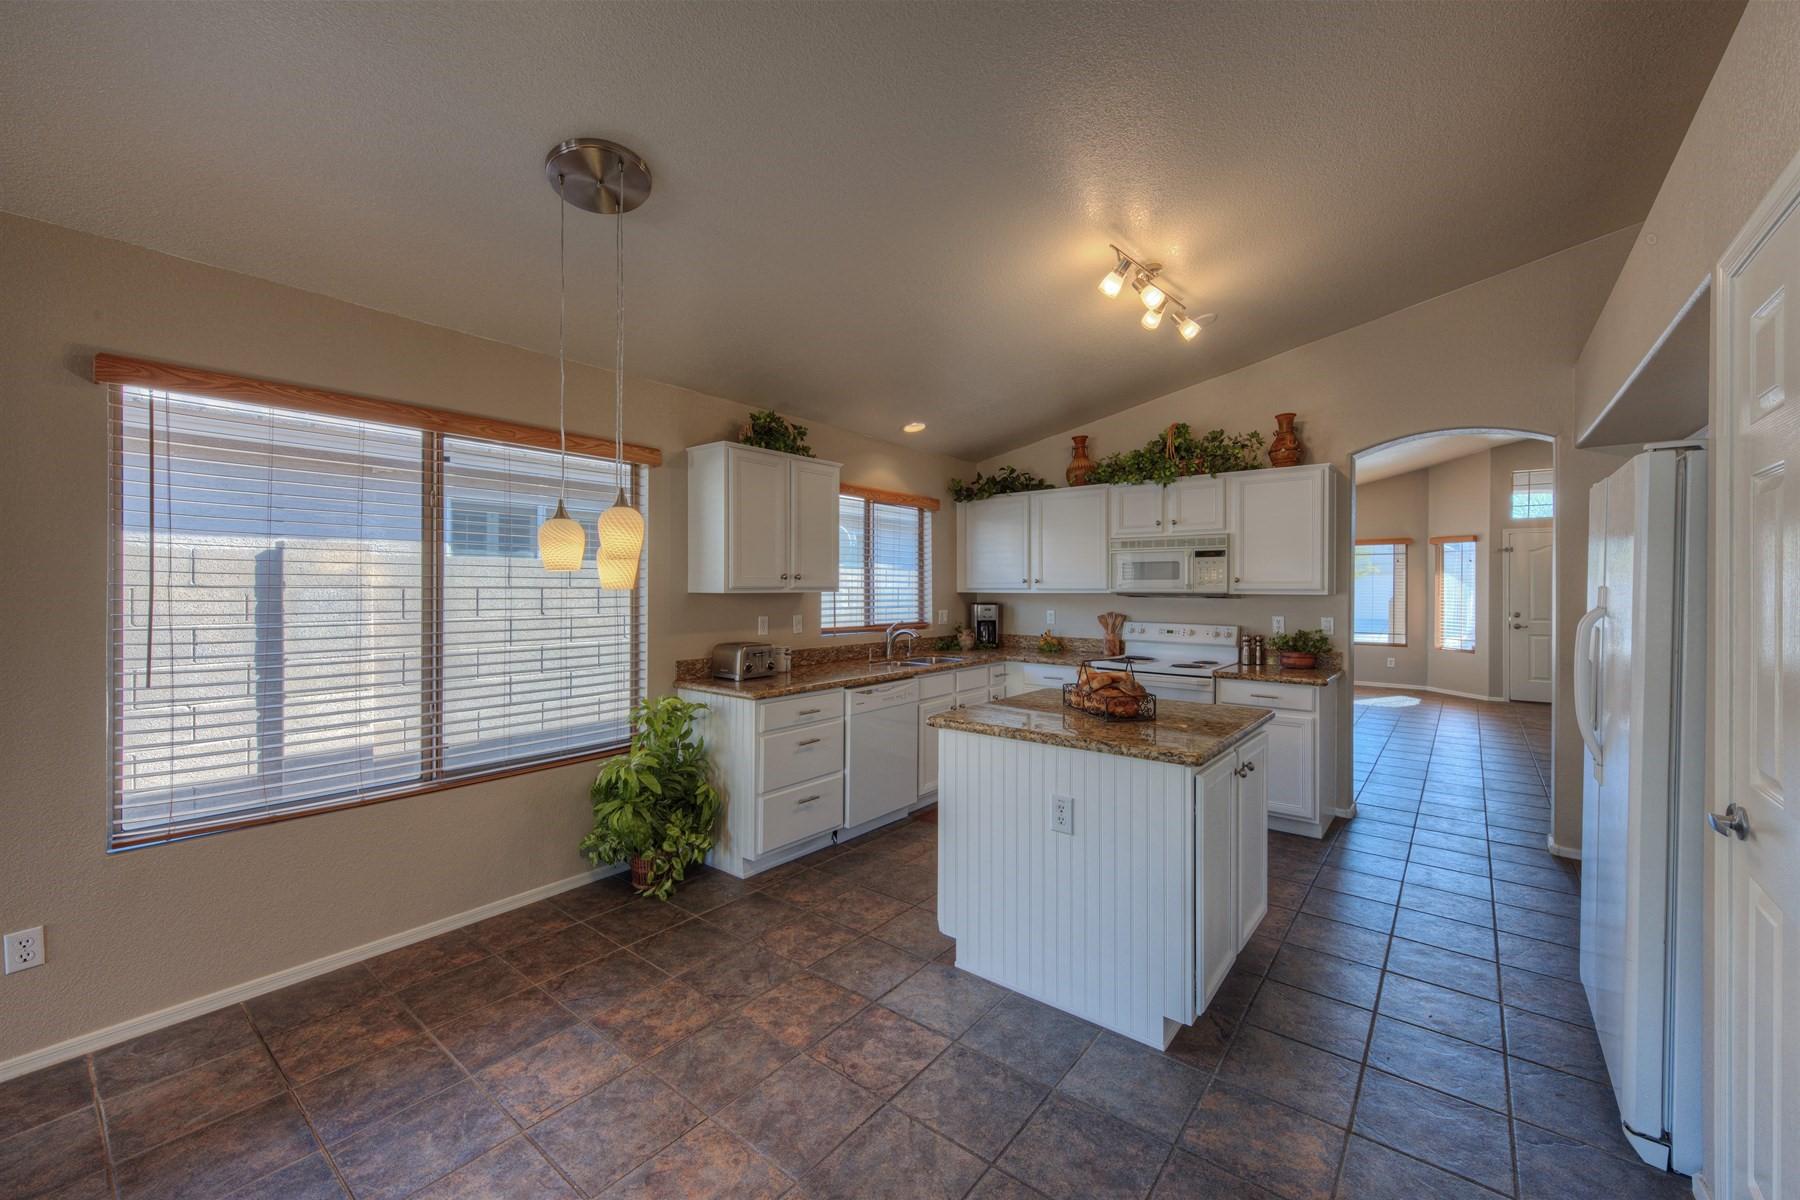 一戸建て のために 売買 アット Meticulously maintained home in the desirable Tatum Highlands 4322 E Tether Trl Phoenix, アリゾナ, 85050 アメリカ合衆国